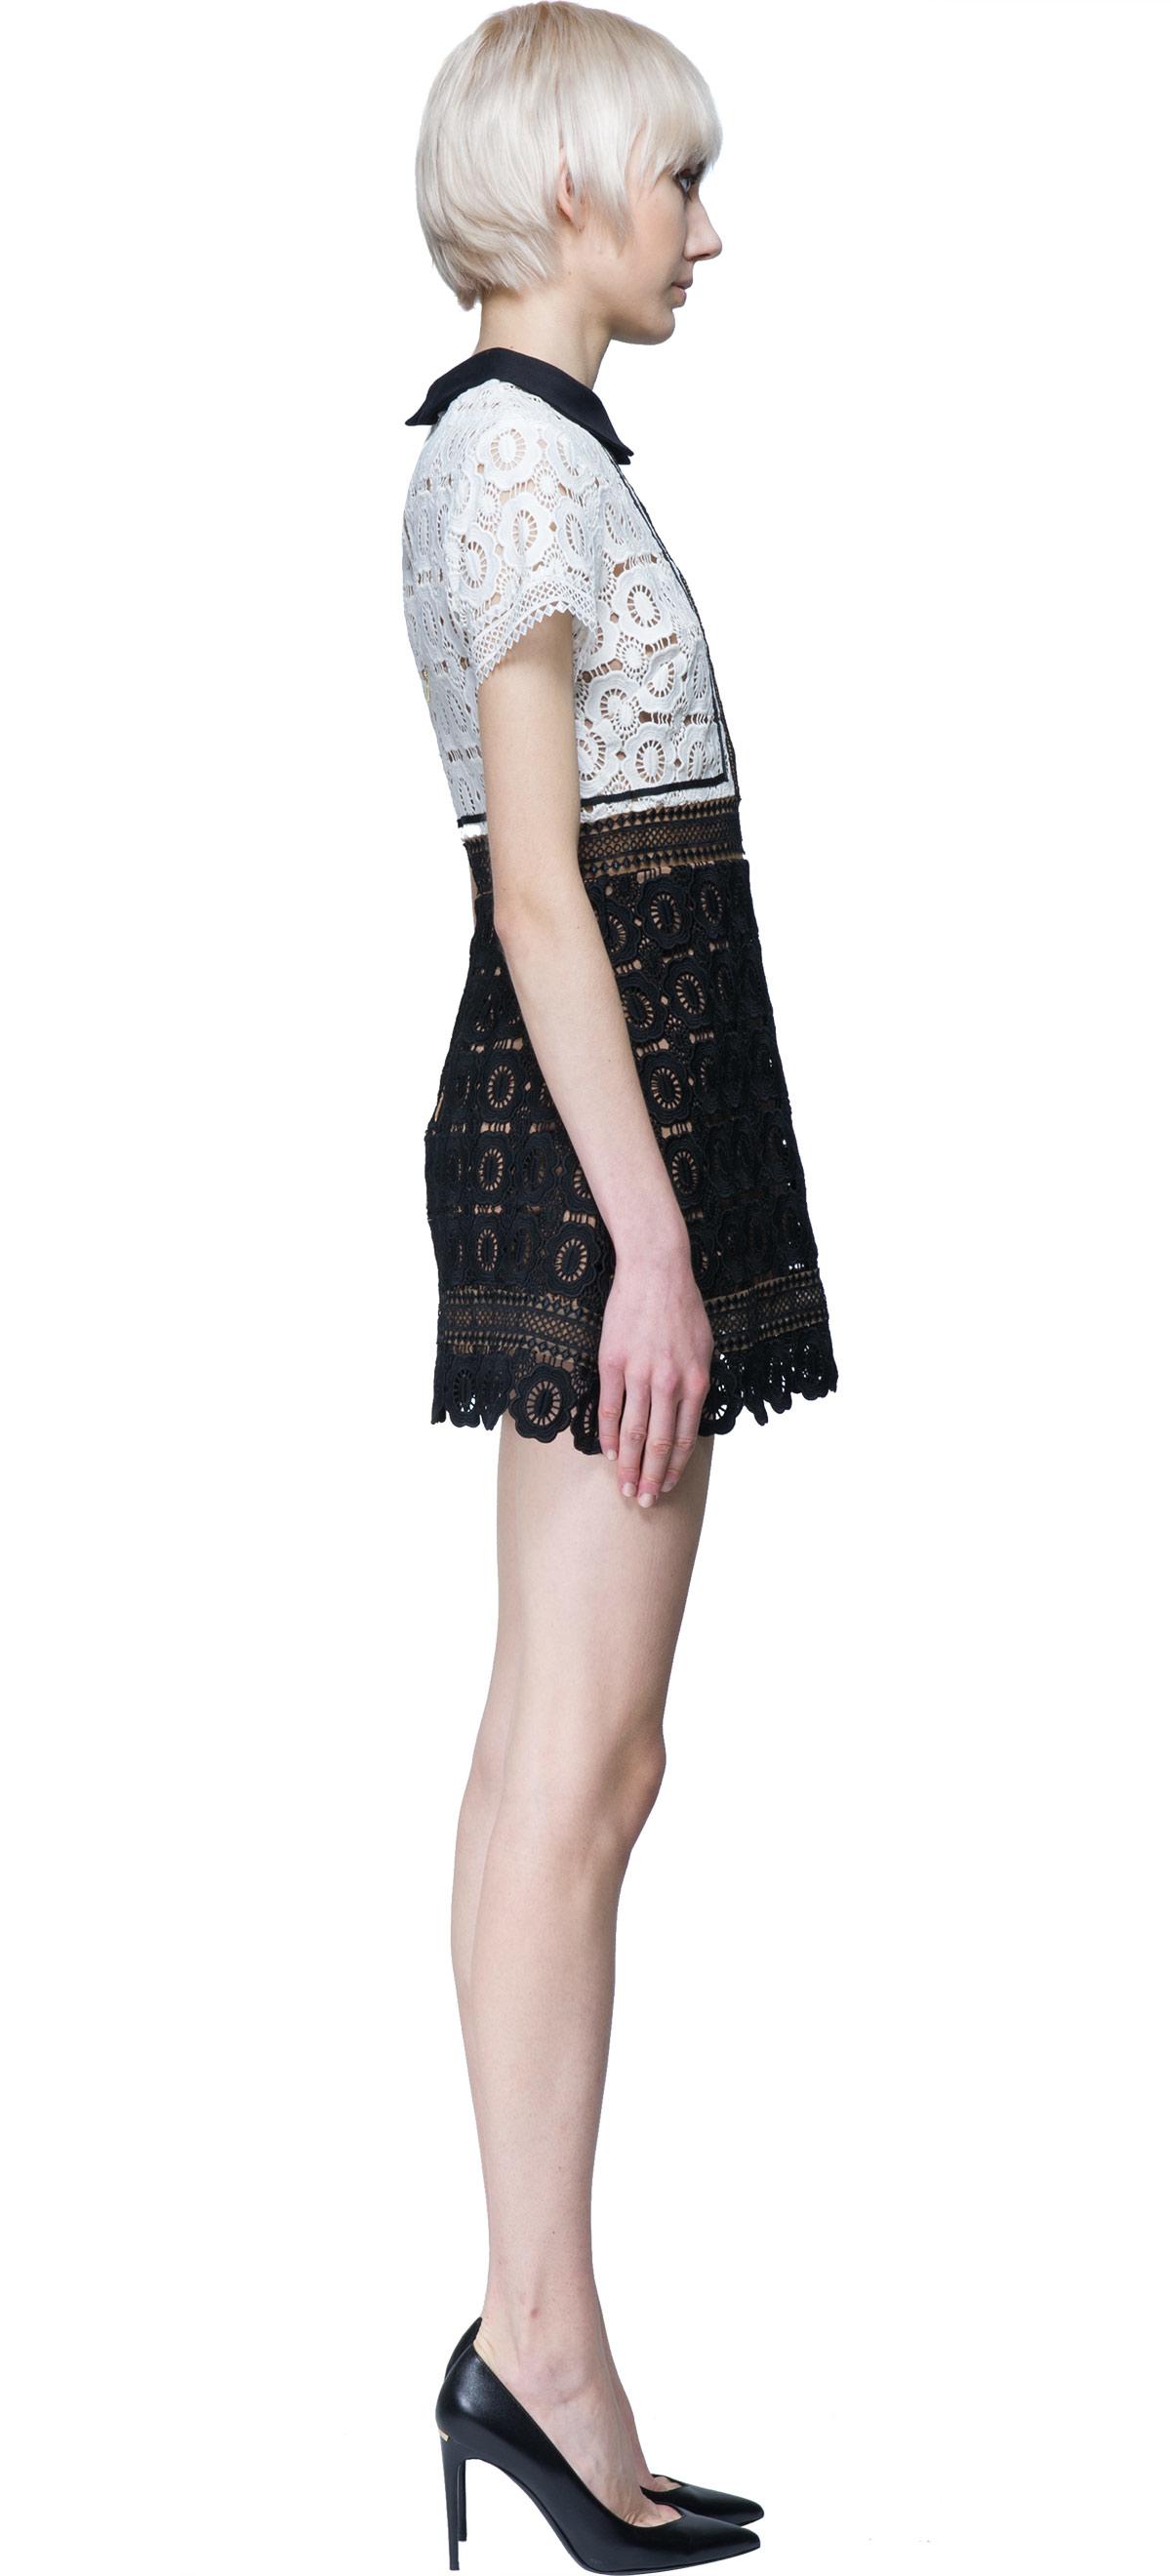 8a6c3052e761 Self-Portrait Felicia Two-tone Guipure Lace Mini Dress in Black - Lyst